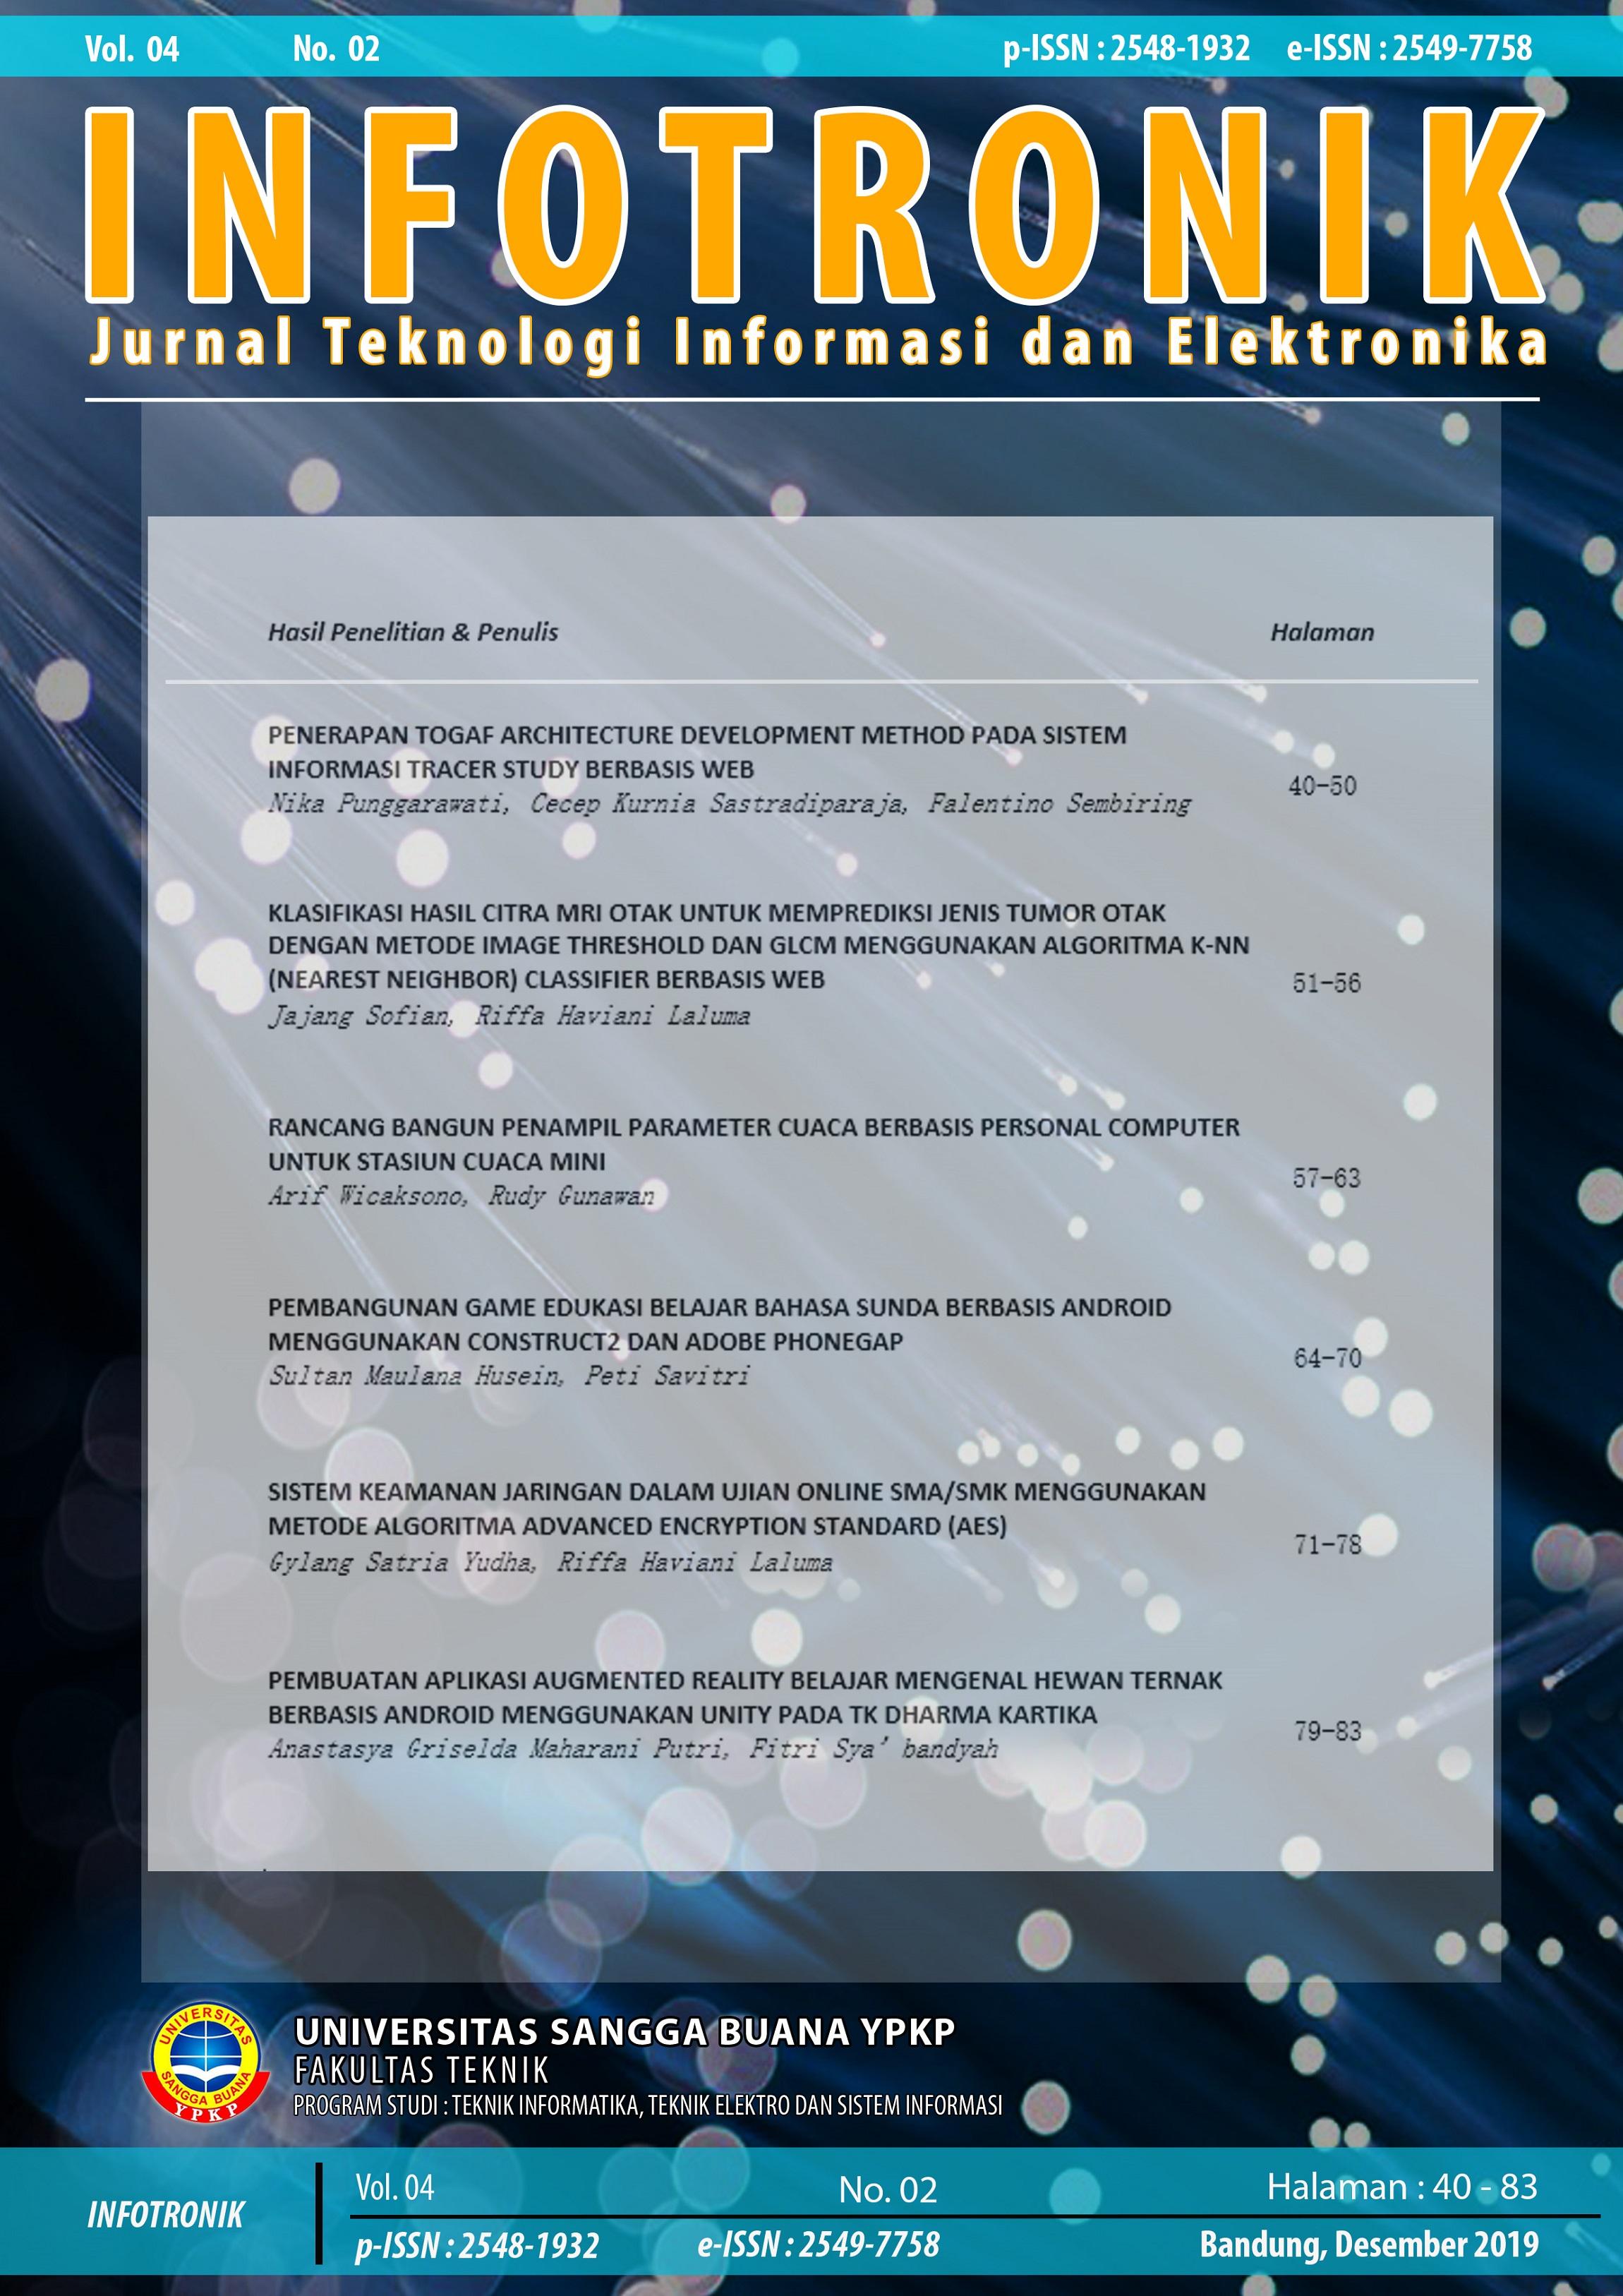 Infotronik_Front_Cover_vol.4No.2